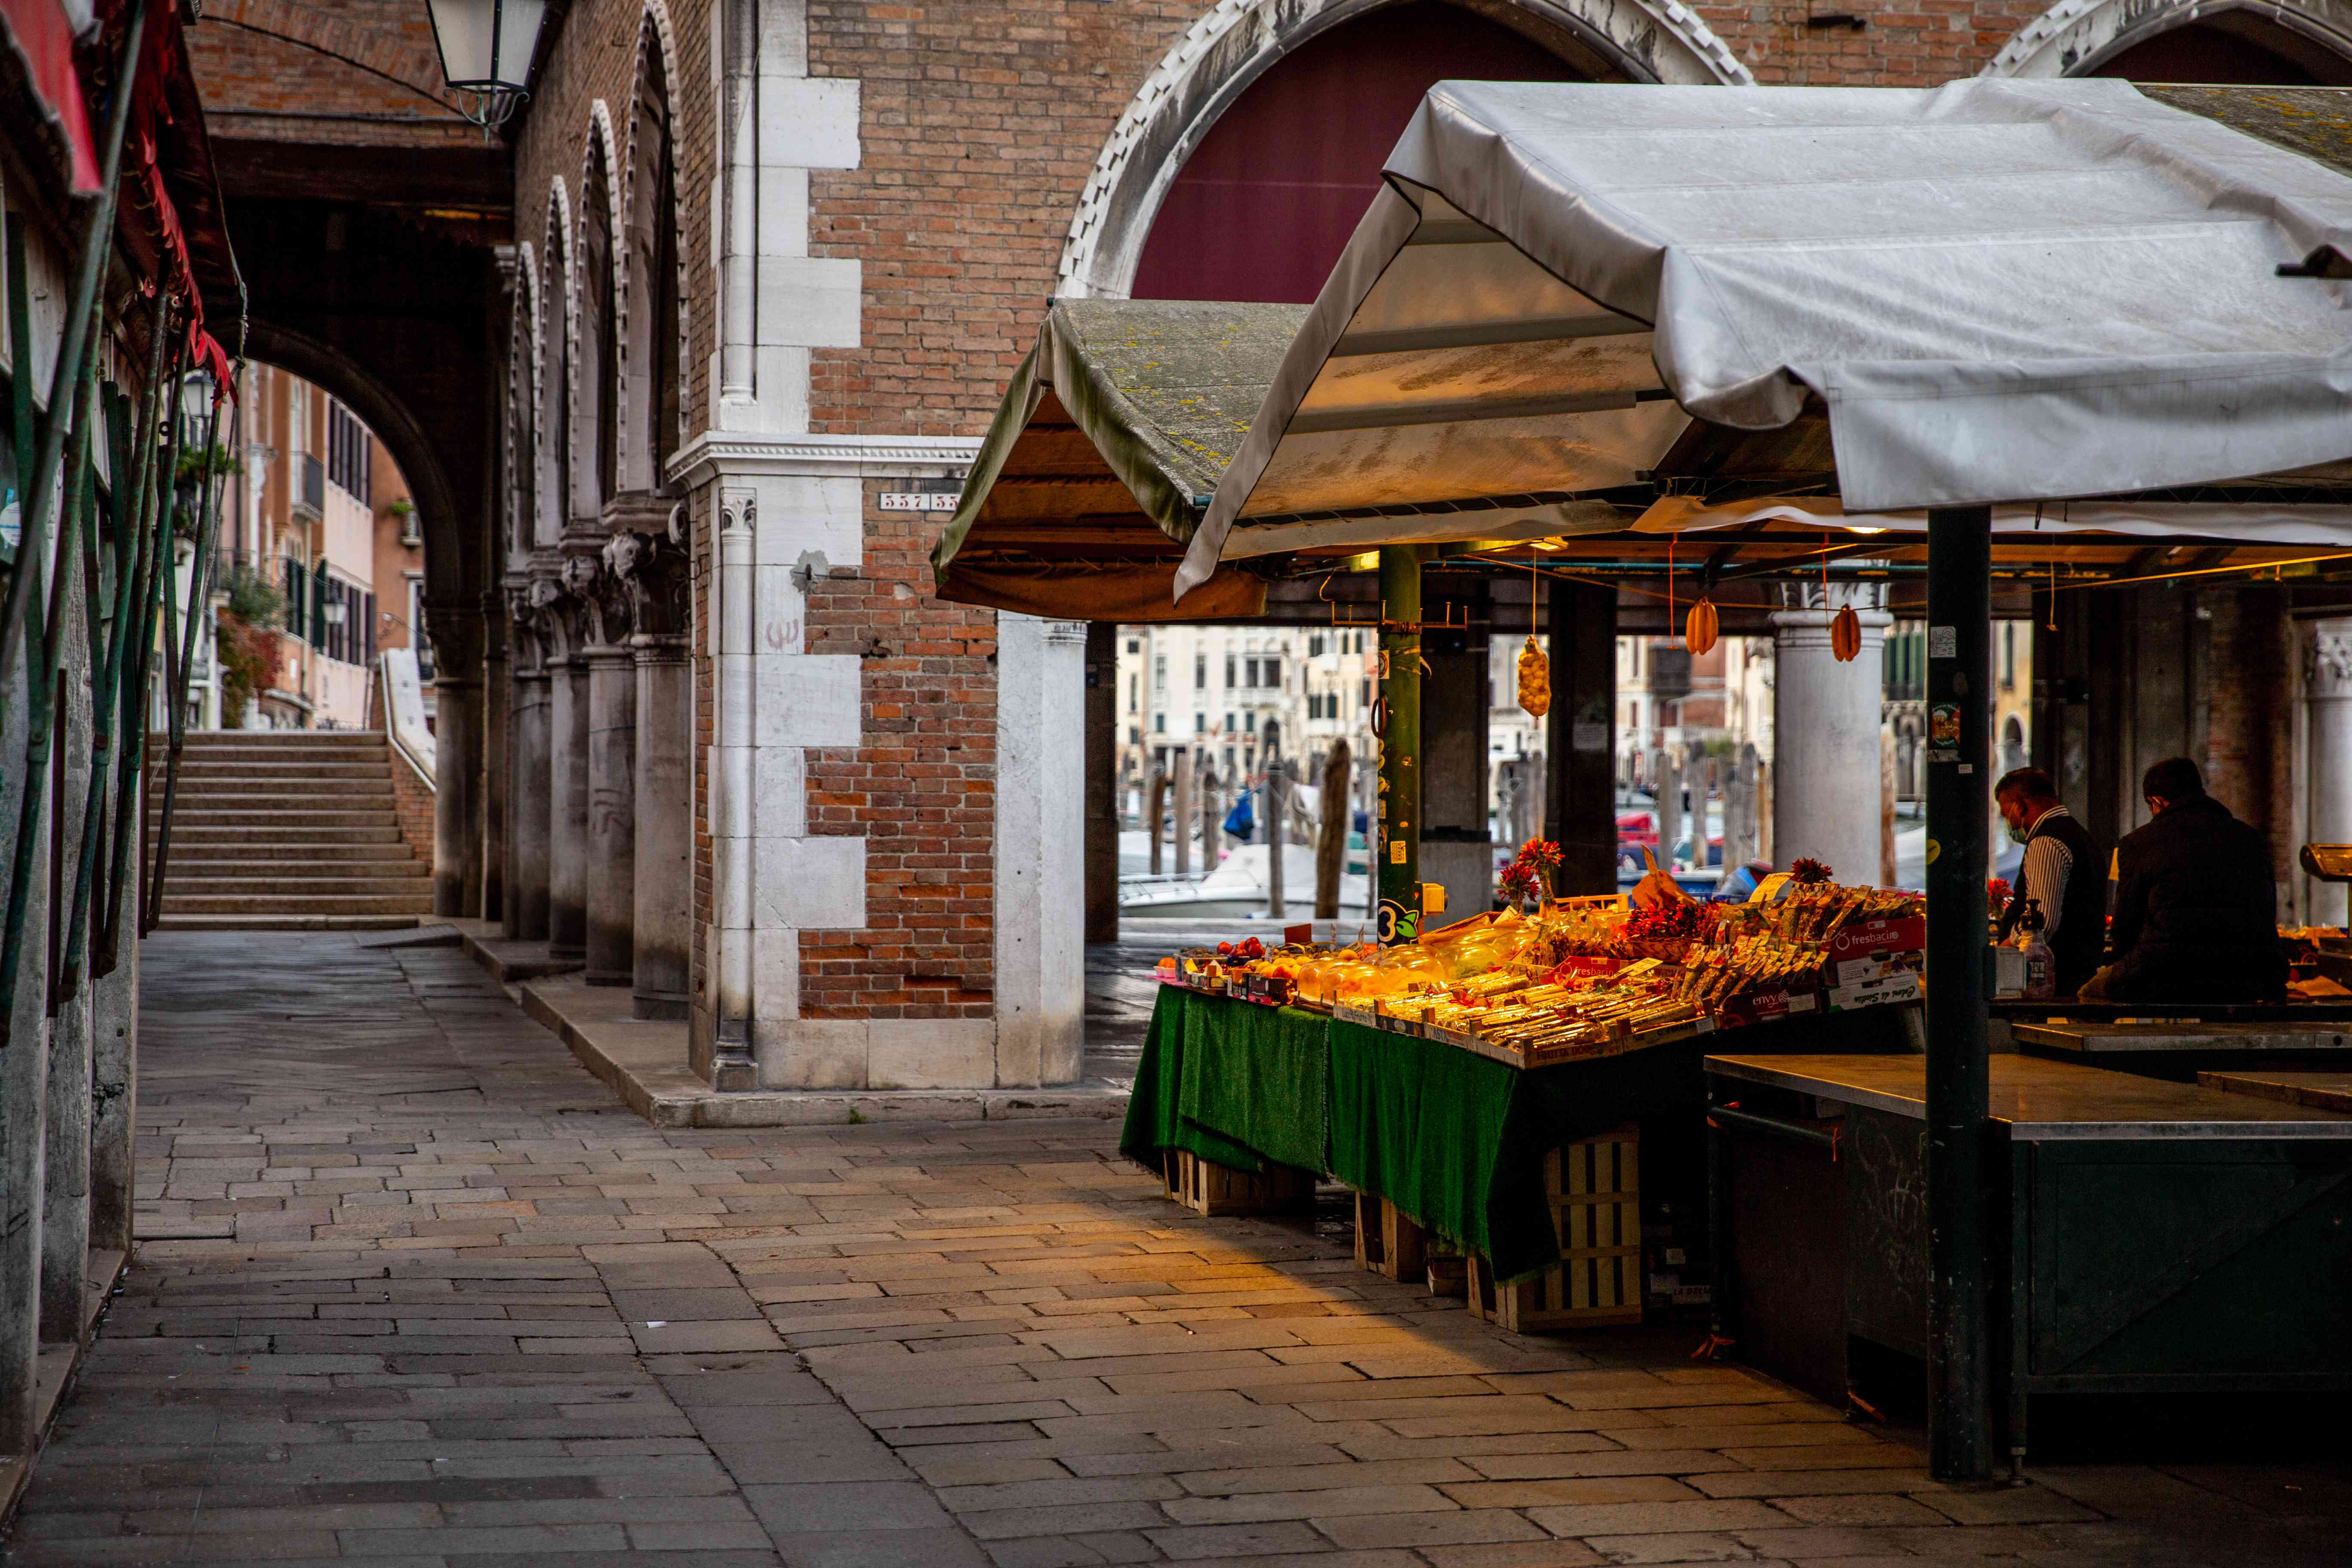 The Rialto Market in Venice